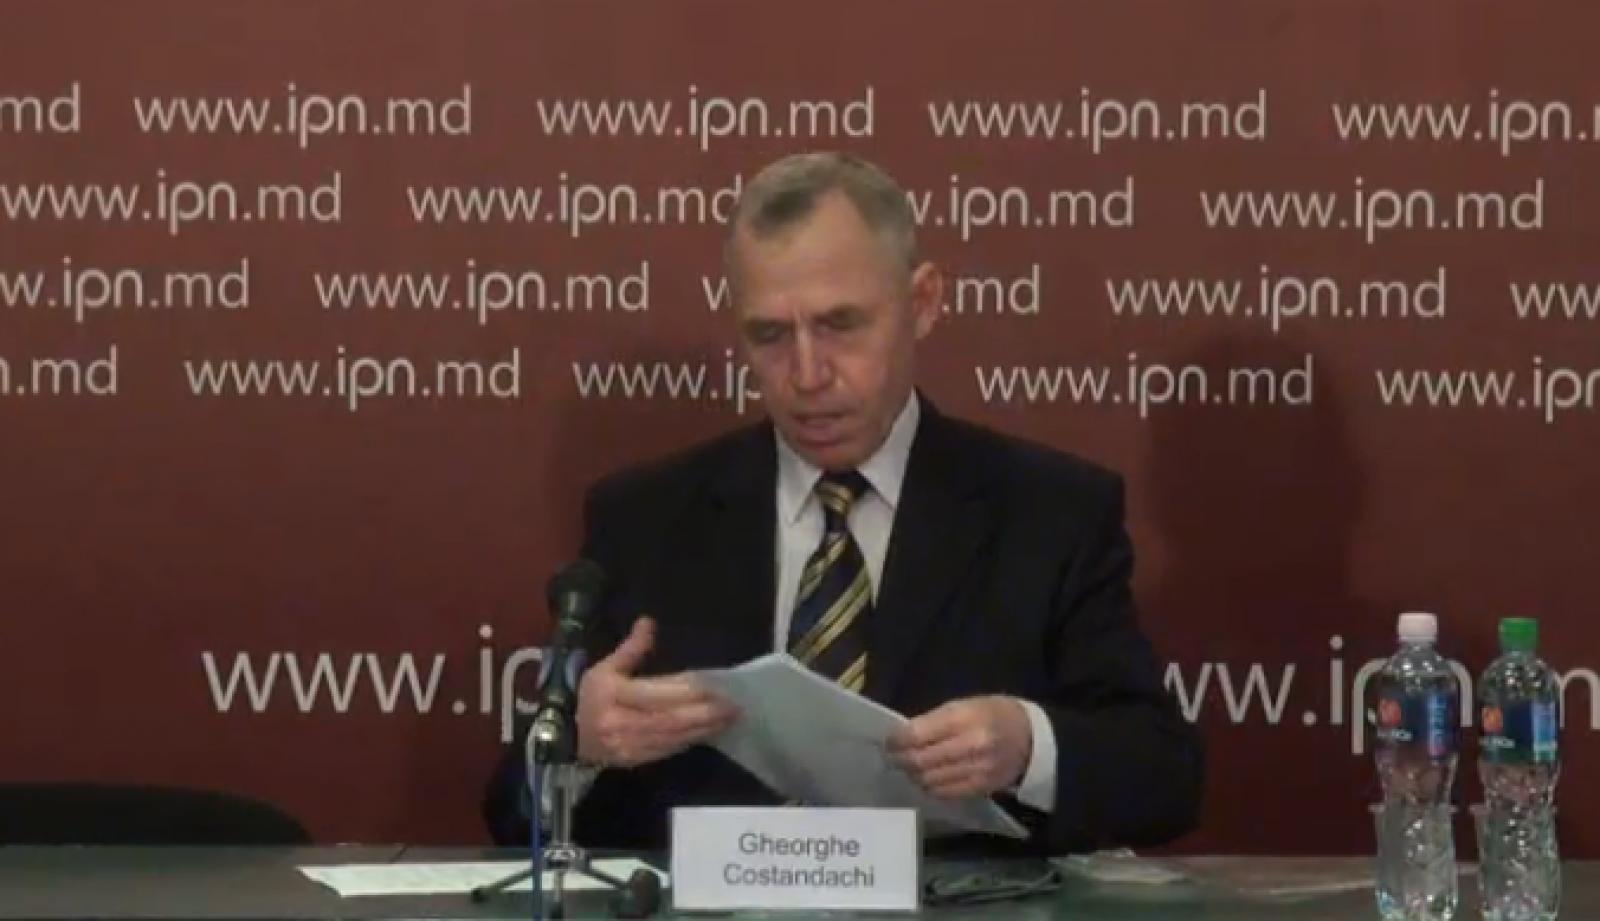 """(video) Centrul Social-Politic European organizează o conferință de presă cu tema """"O nouă viziune asupra alegerilor parlamentare - ultima șansă pentru Republica Moldova"""""""